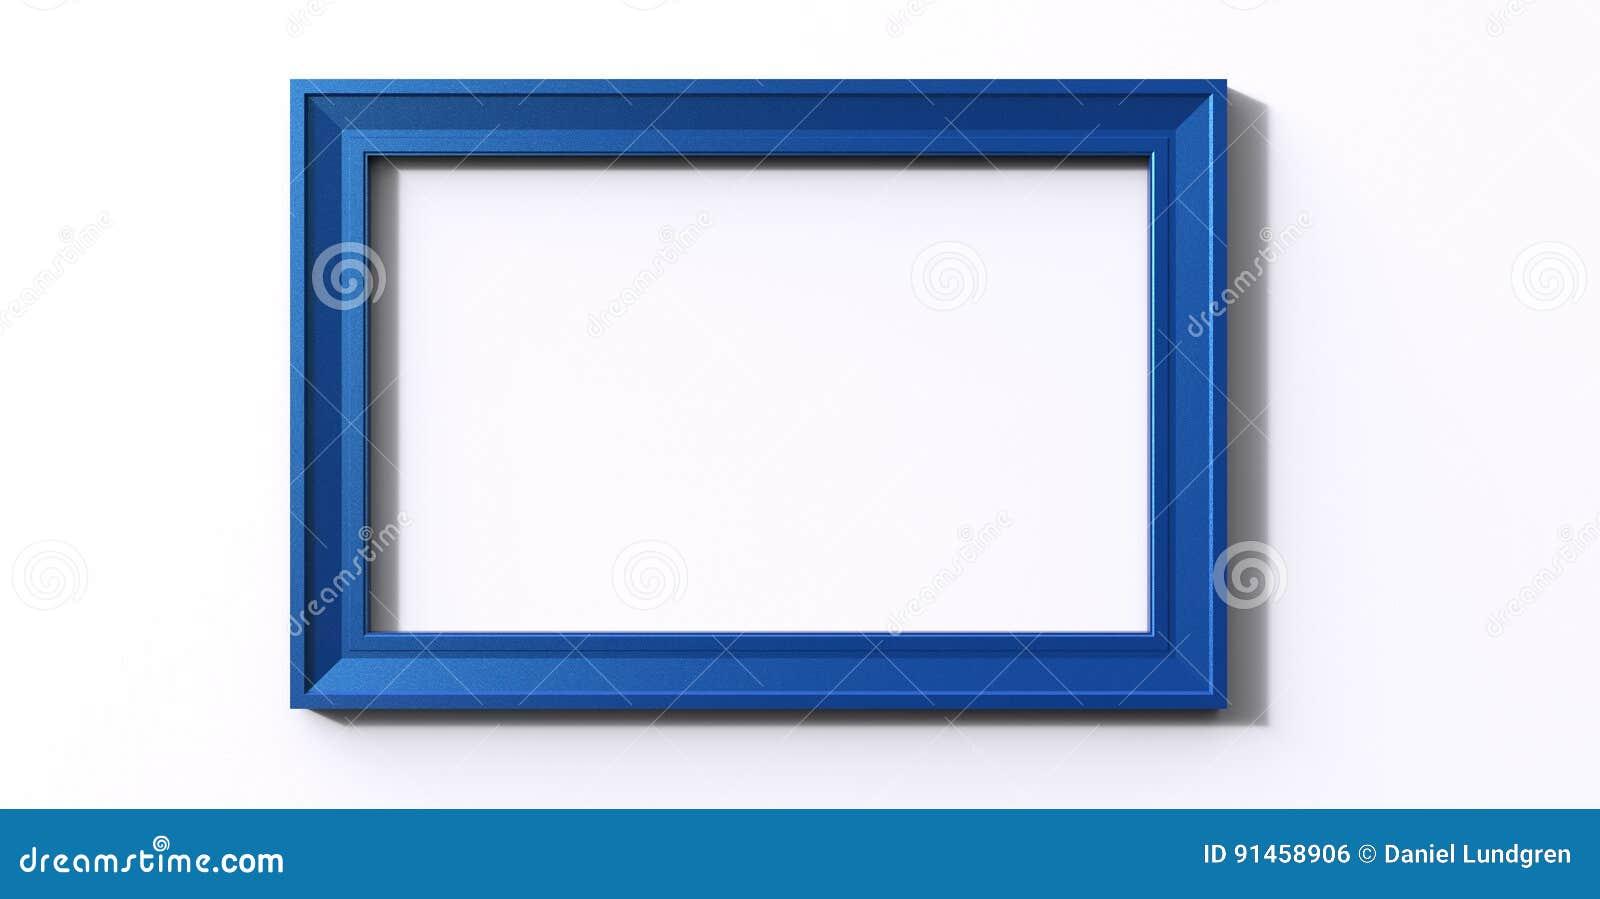 Representación 3d Del Bastidor Azul O De Foto De Color De La ...